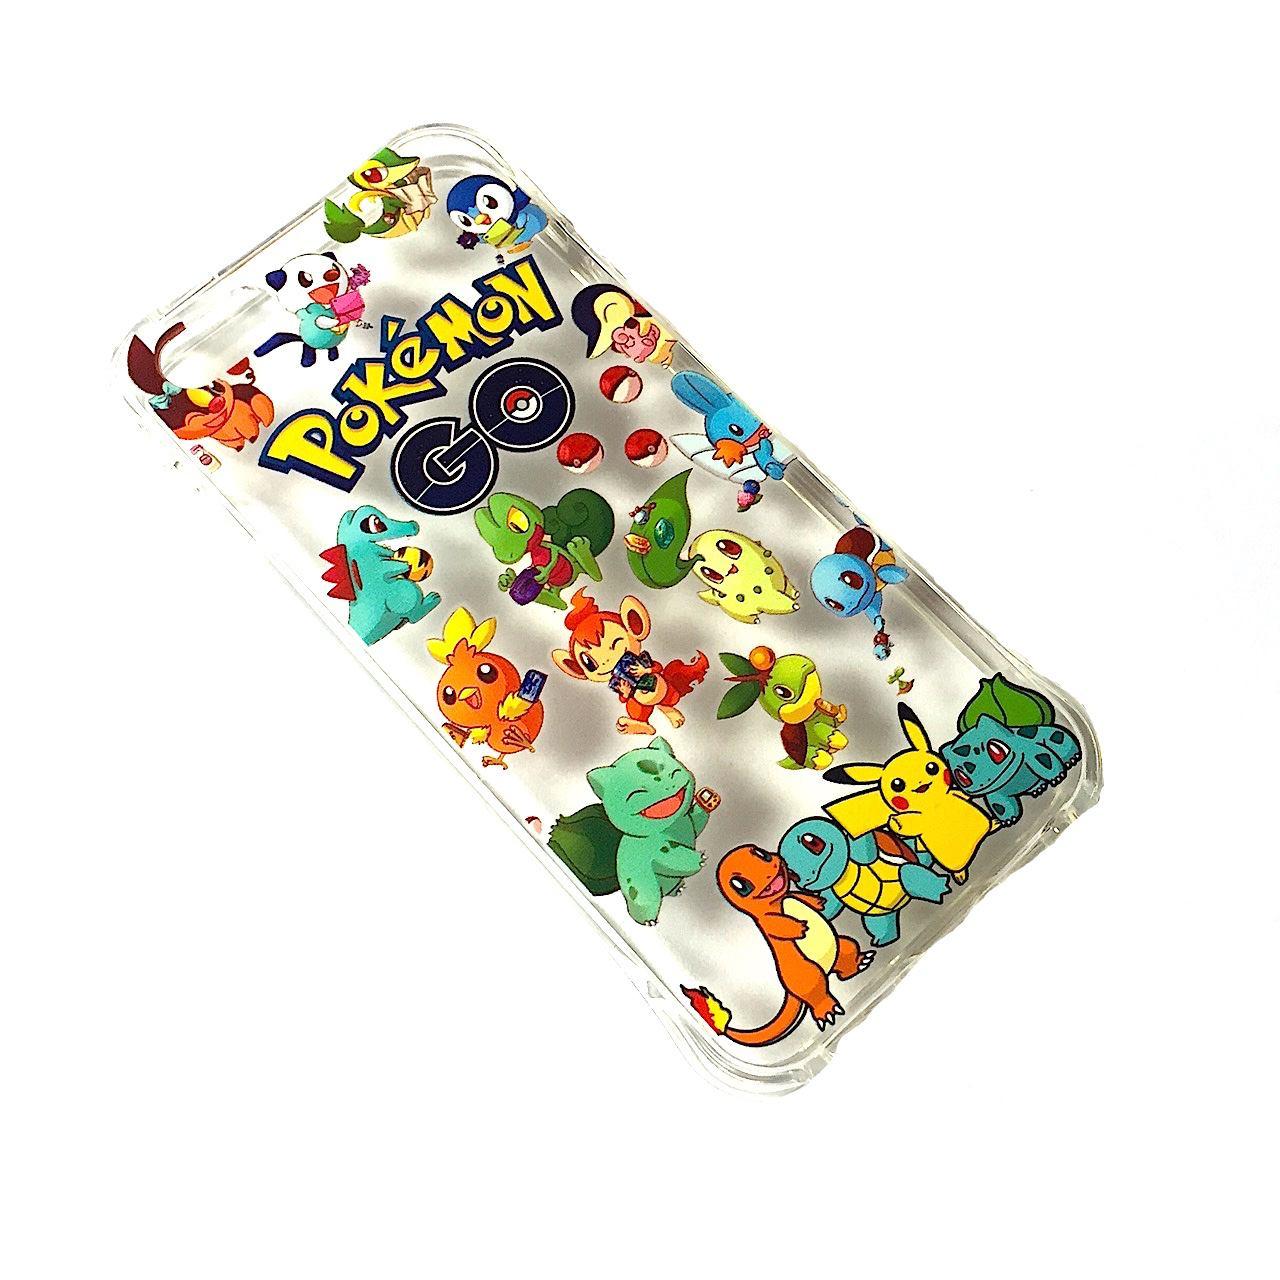 Pokemon Go Iphone 5